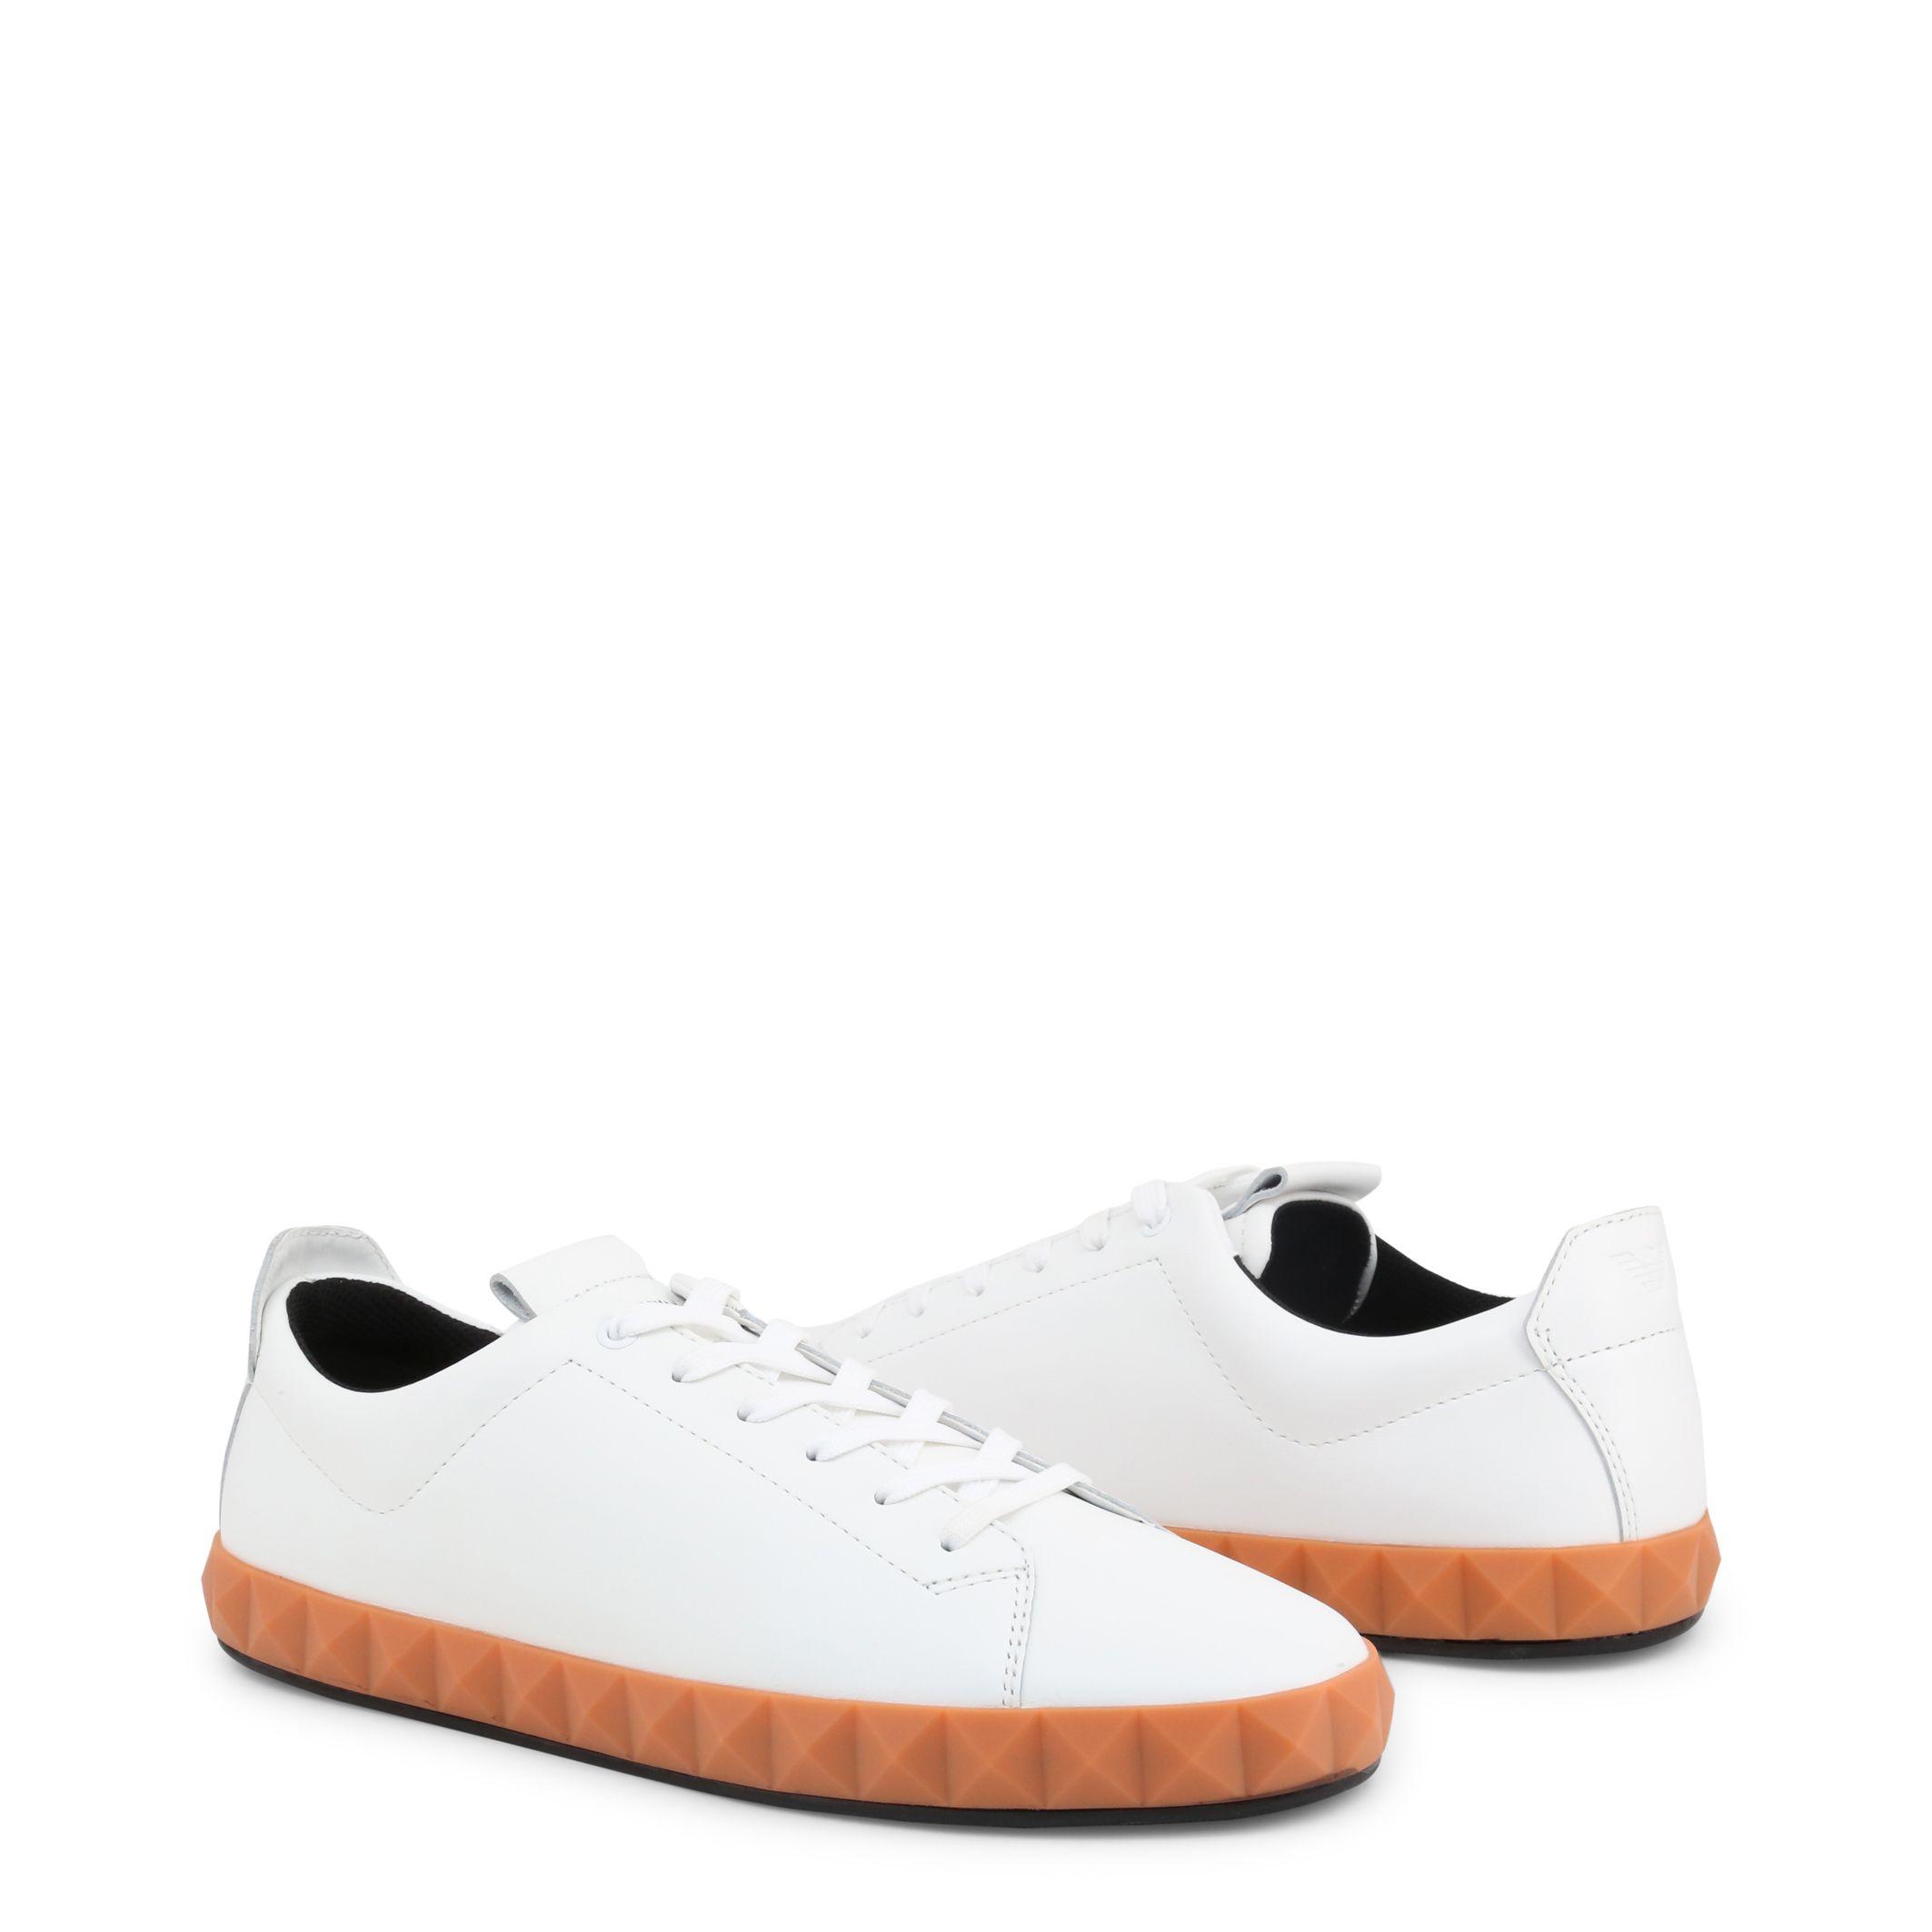 Schuhe Emporio Armani – X4X211-XF187 – Weiß